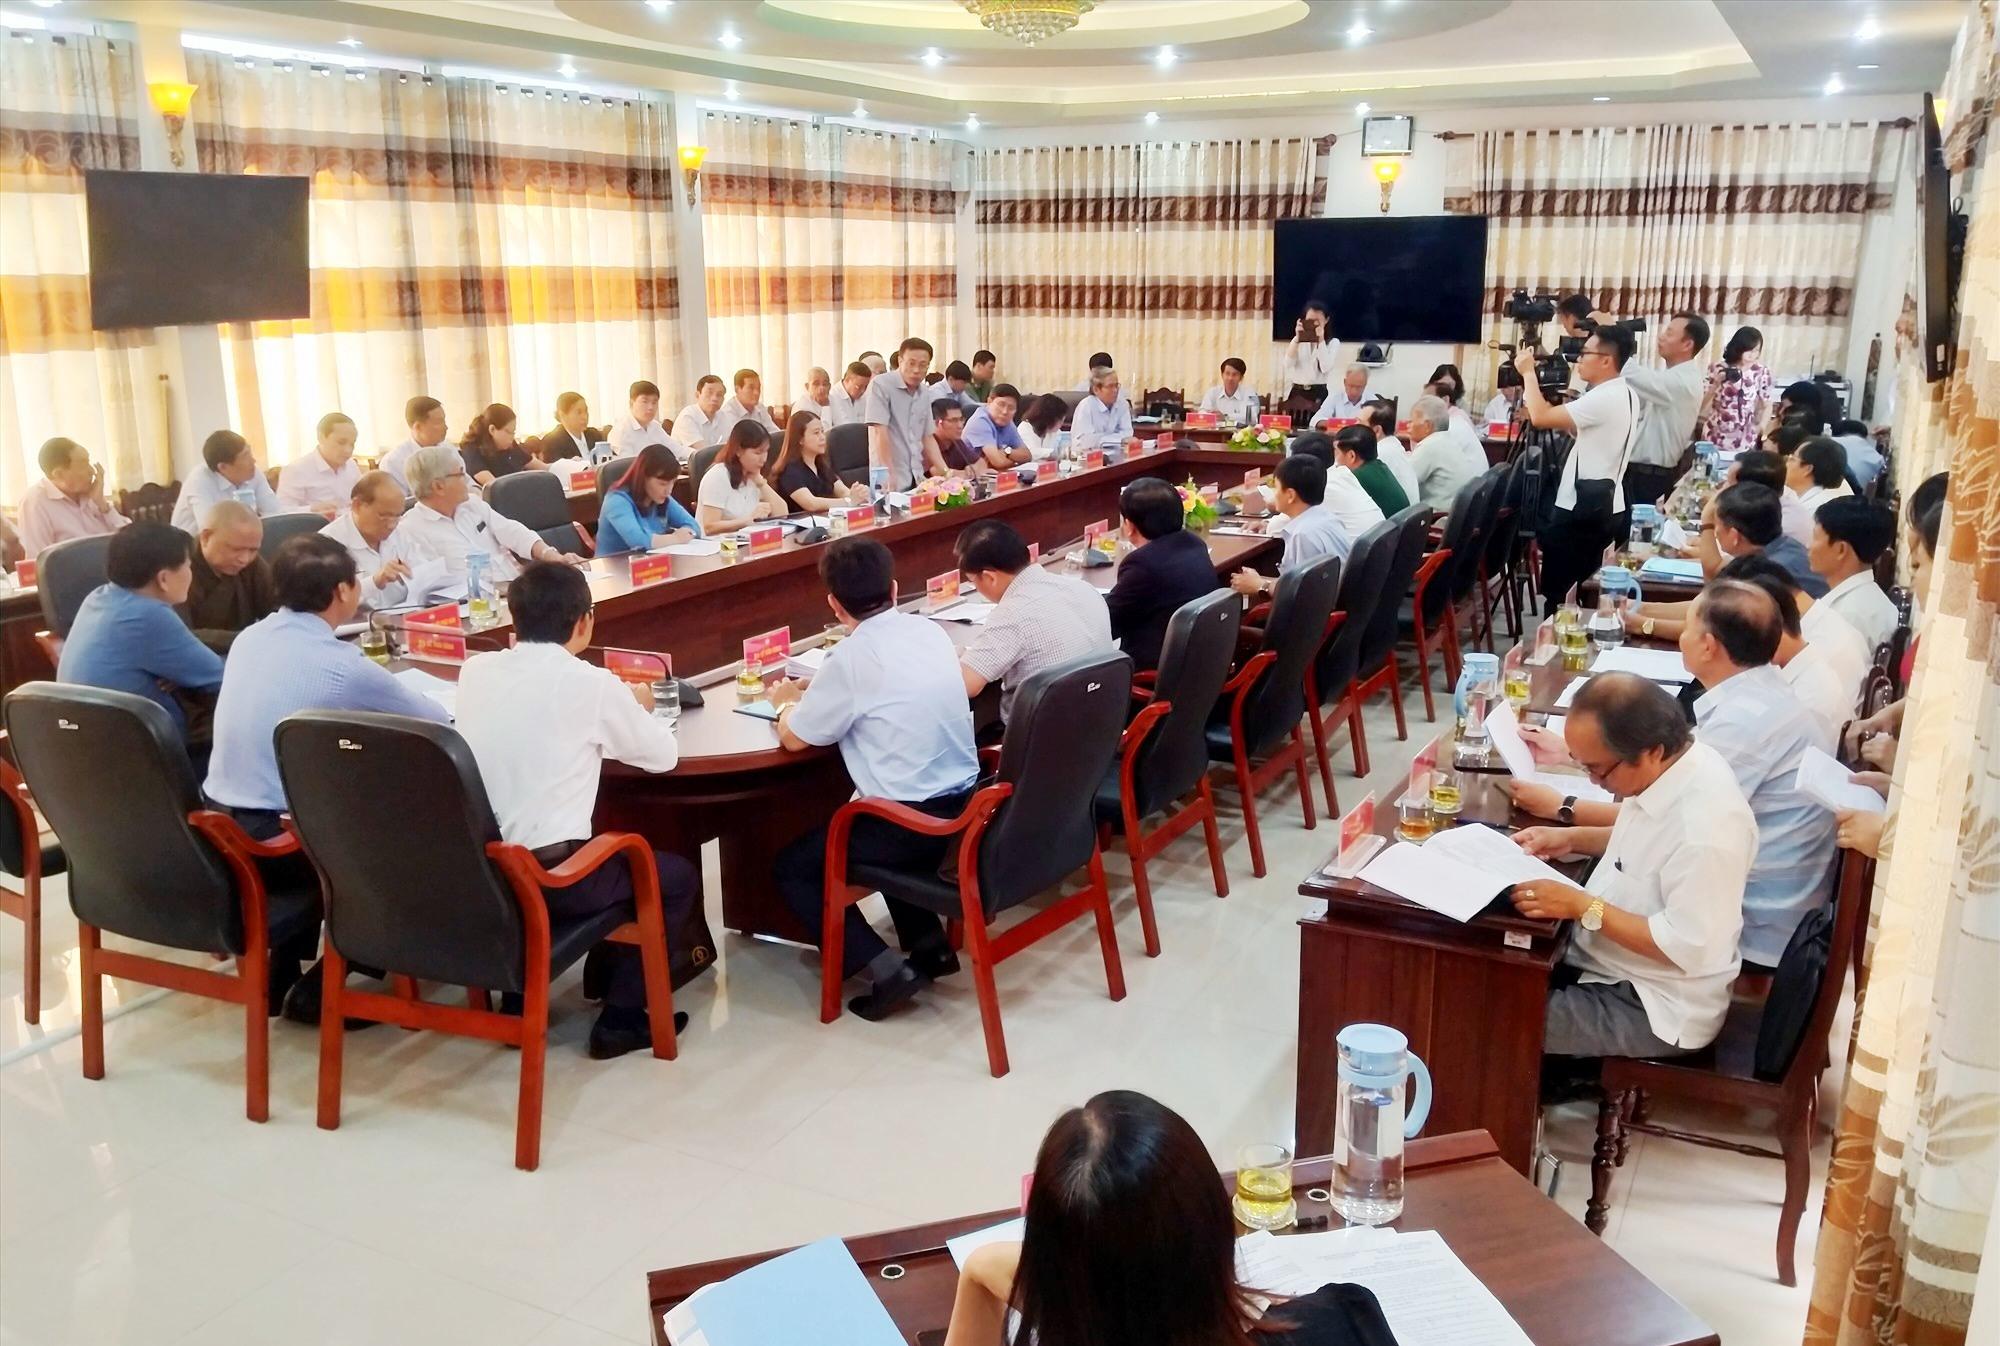 Ngày 16.4.2021, Ban Thường trực Ủy ban MTTQ Việt Nam tỉnh tổ chức hội nghị hiệp thương lần ba thống nhất lập danh sách 10 người đủ tiêu chuẩn ứng cử đại biểu Quốc hội khóa XV. Ảnh: ĐOAN VINH